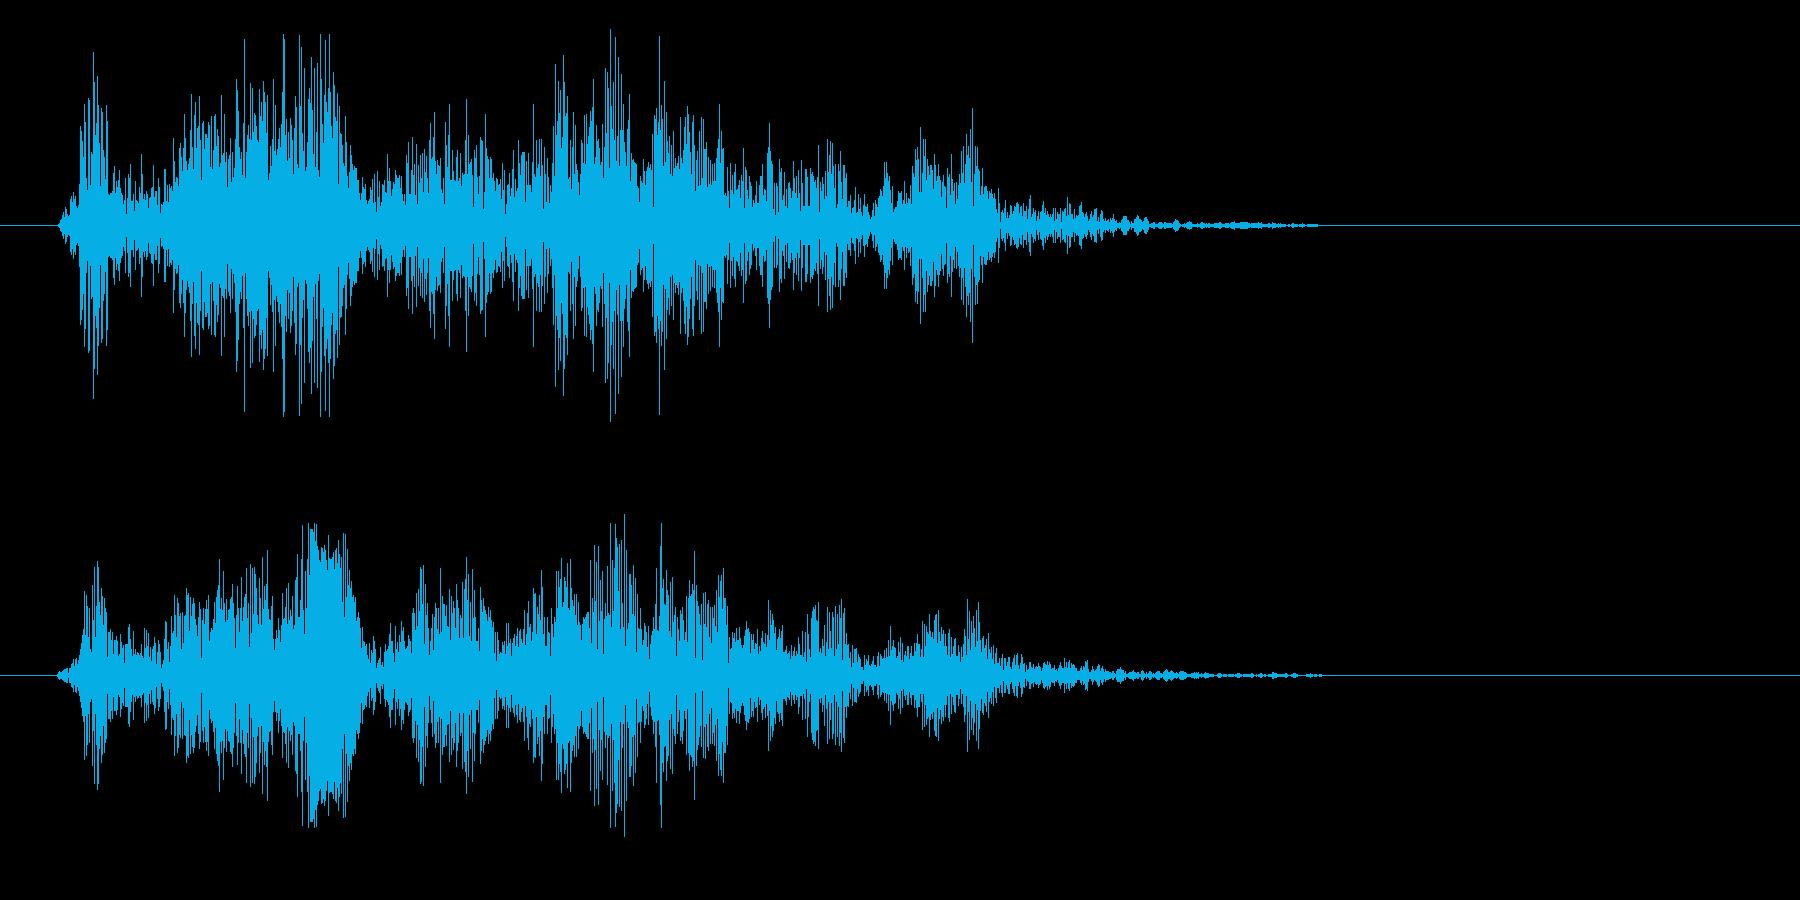 ジャリッ(摩擦音 陶器が擦れる音)の再生済みの波形